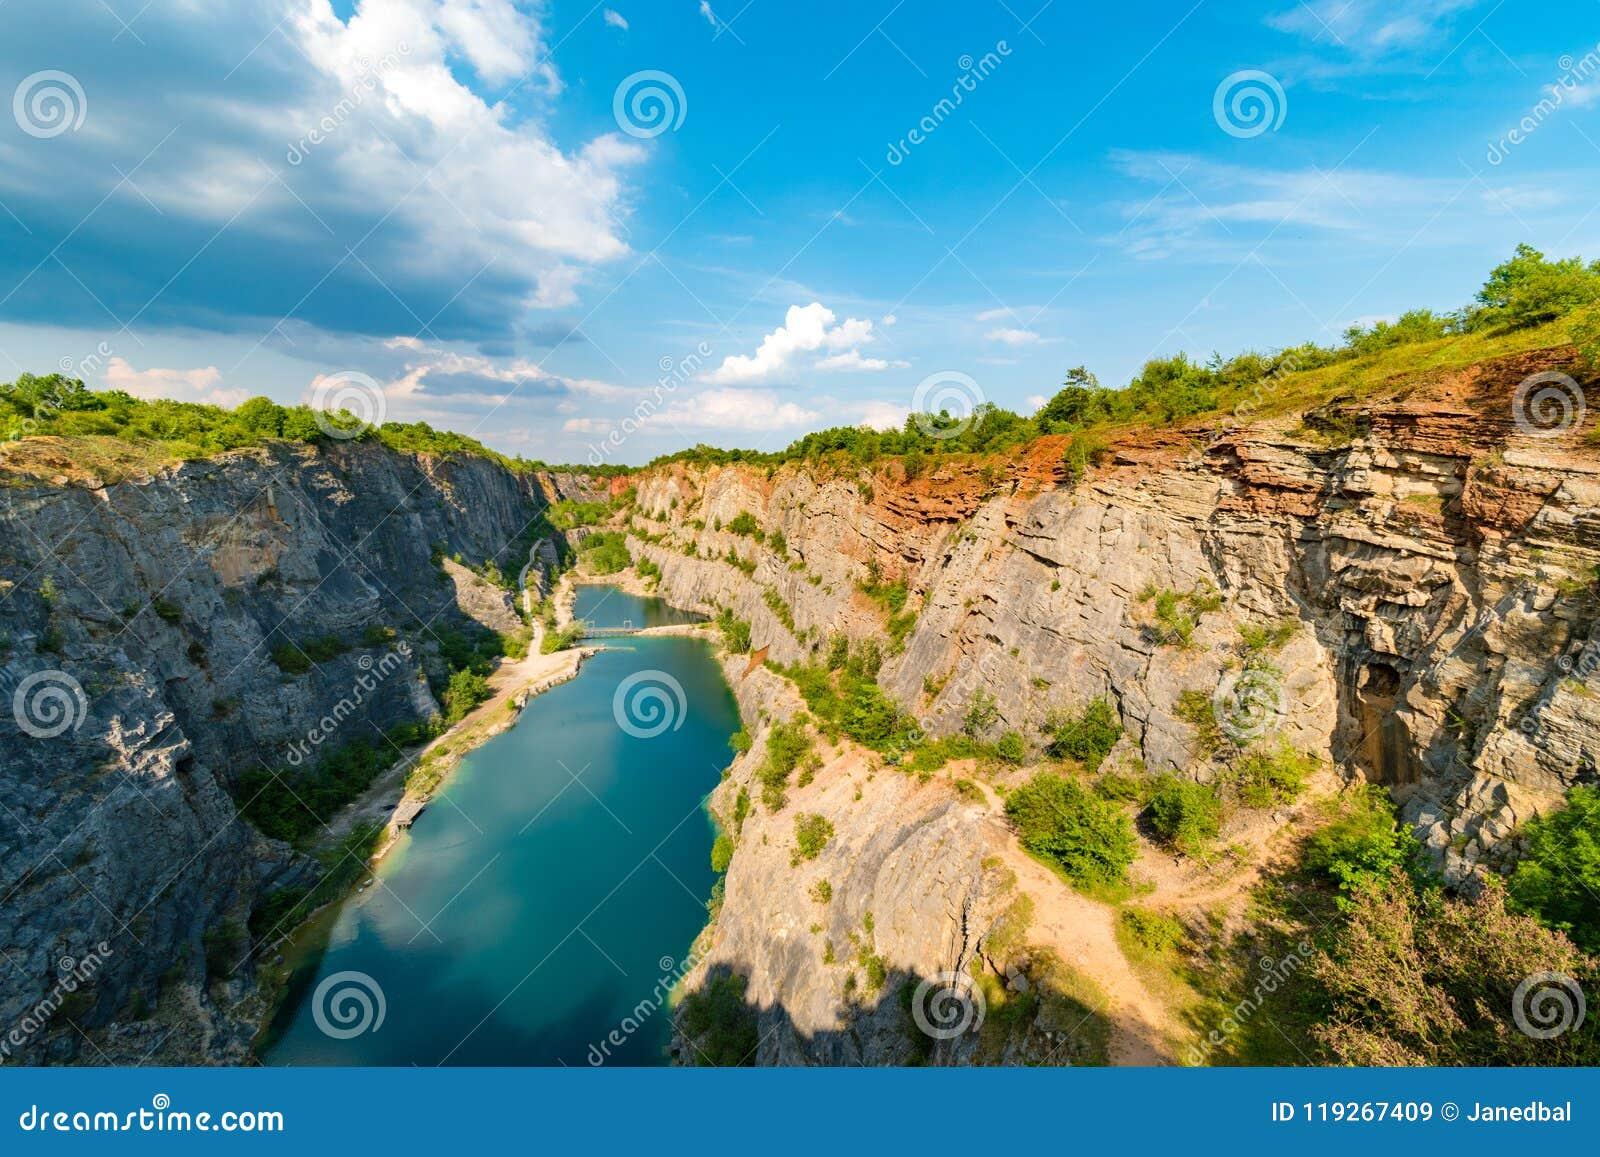 Garganta de Velka América, pedreira abandonada da pedra calcária, região boêmia de Centran, república checa